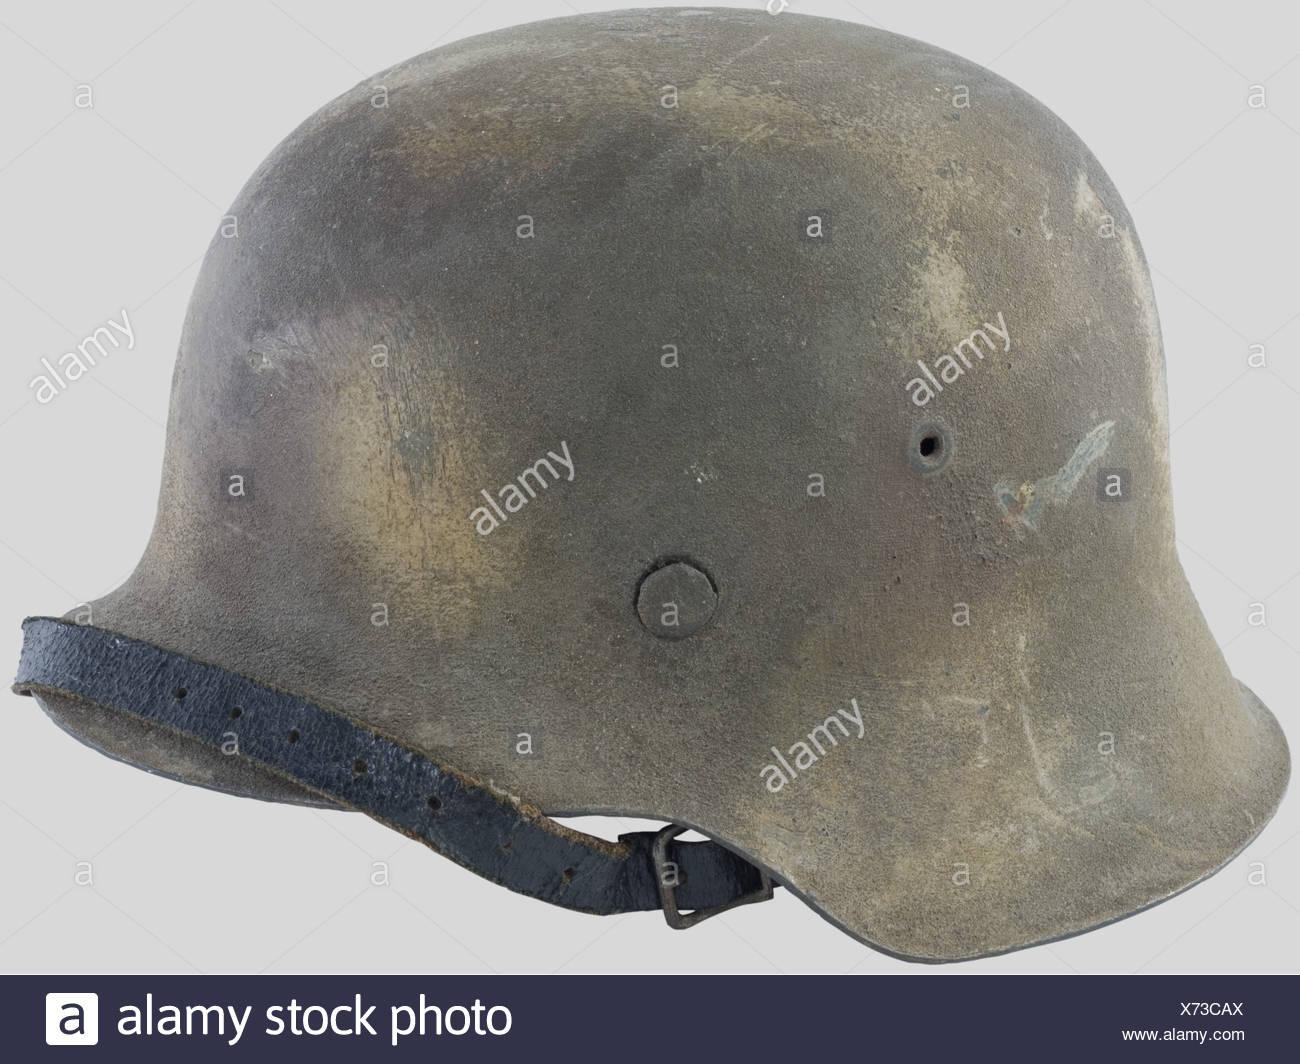 Wehrmacht, Casque modèle 42, camouflé deux Tonnen avec Sable projeté. Complet avec son Intérieur et sa jugulaire.,, Additional-Rights-Spiel-NA Stockbild